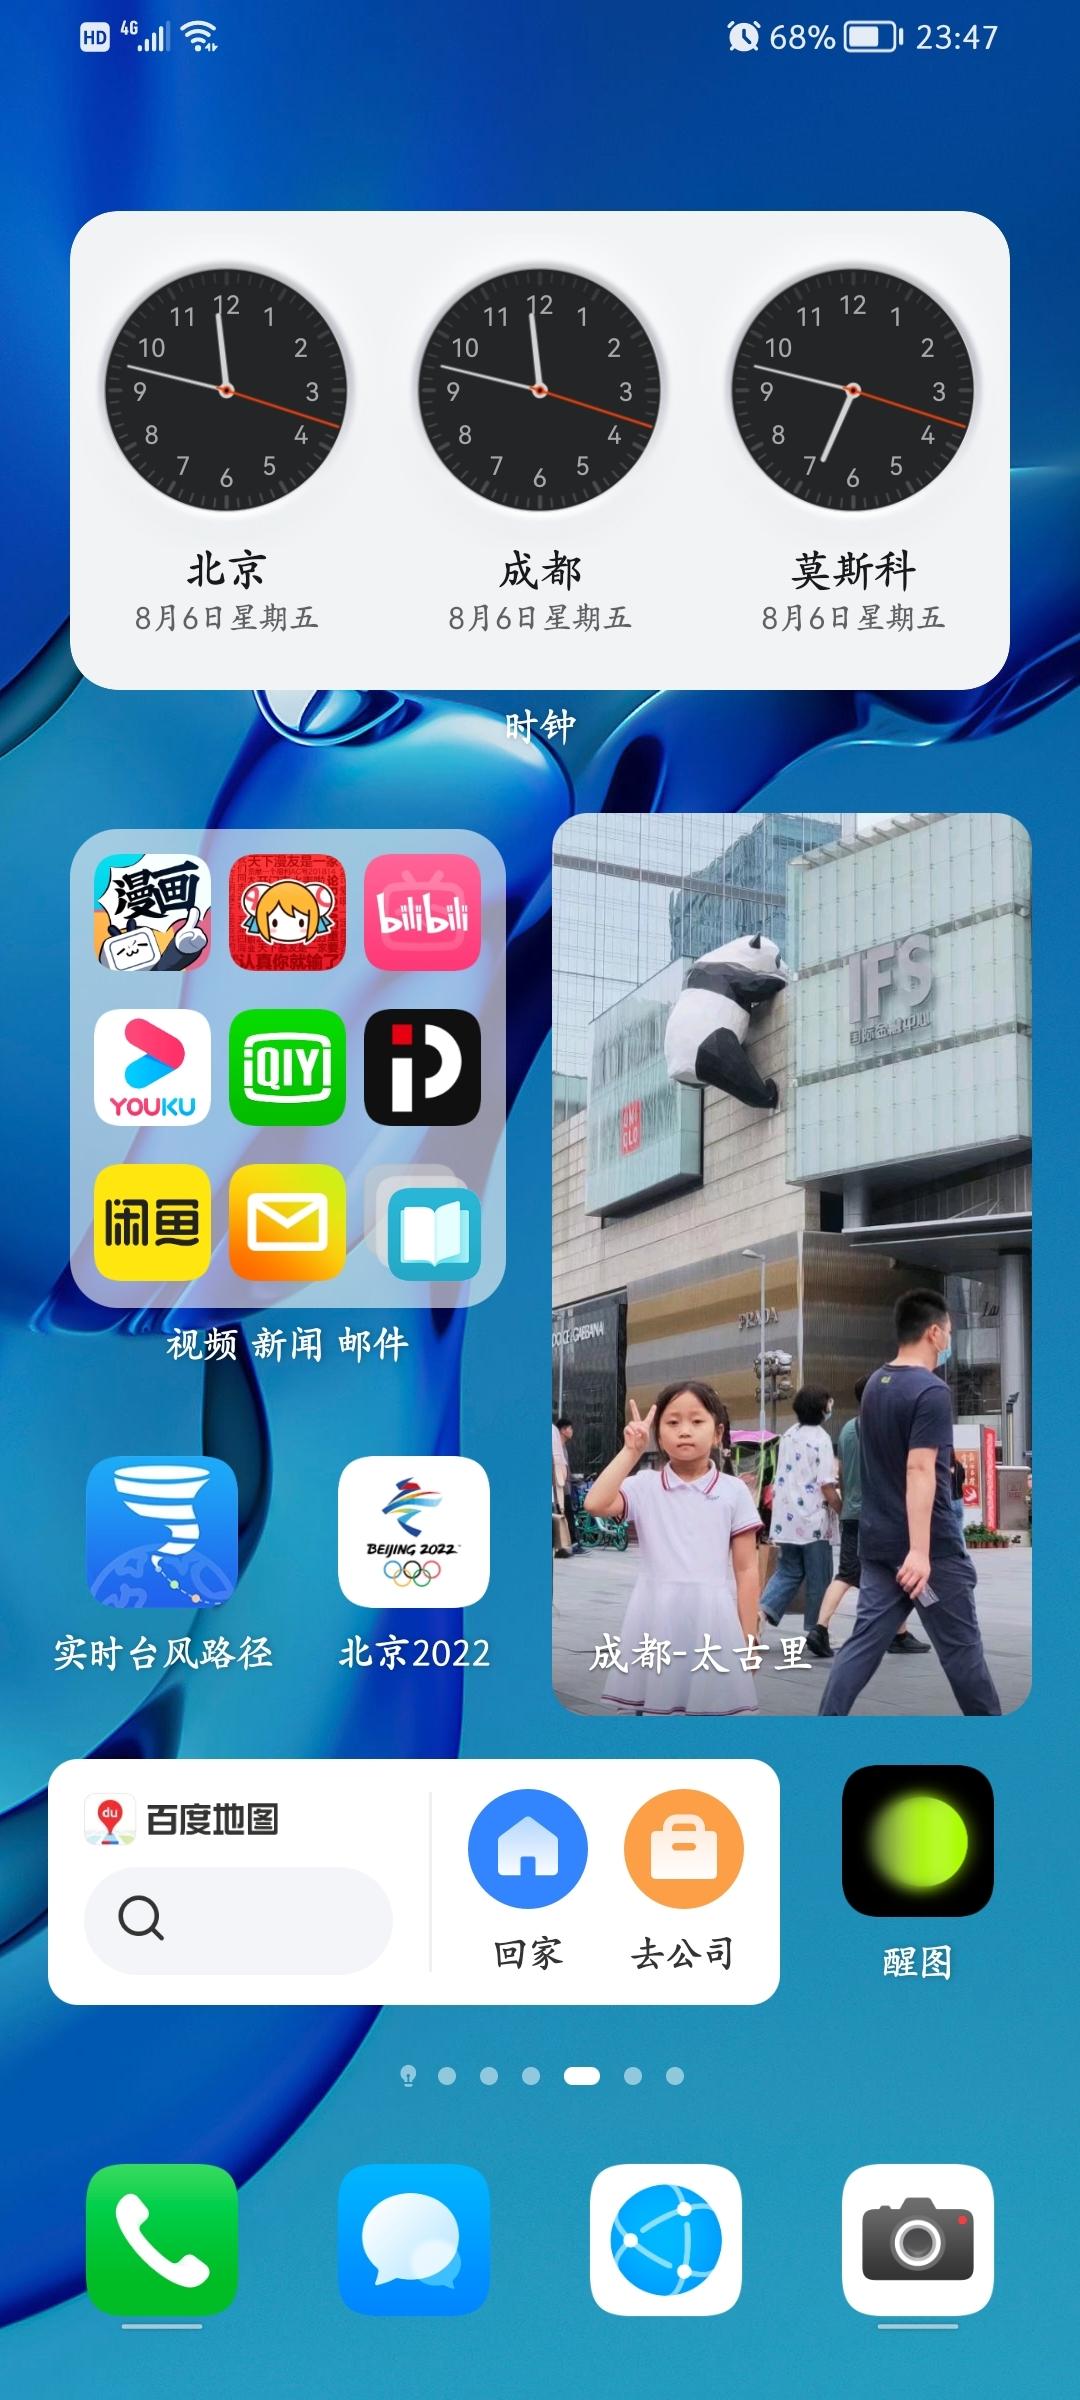 Screenshot_20210806_234718_com.huawei.android.launcher.jpg